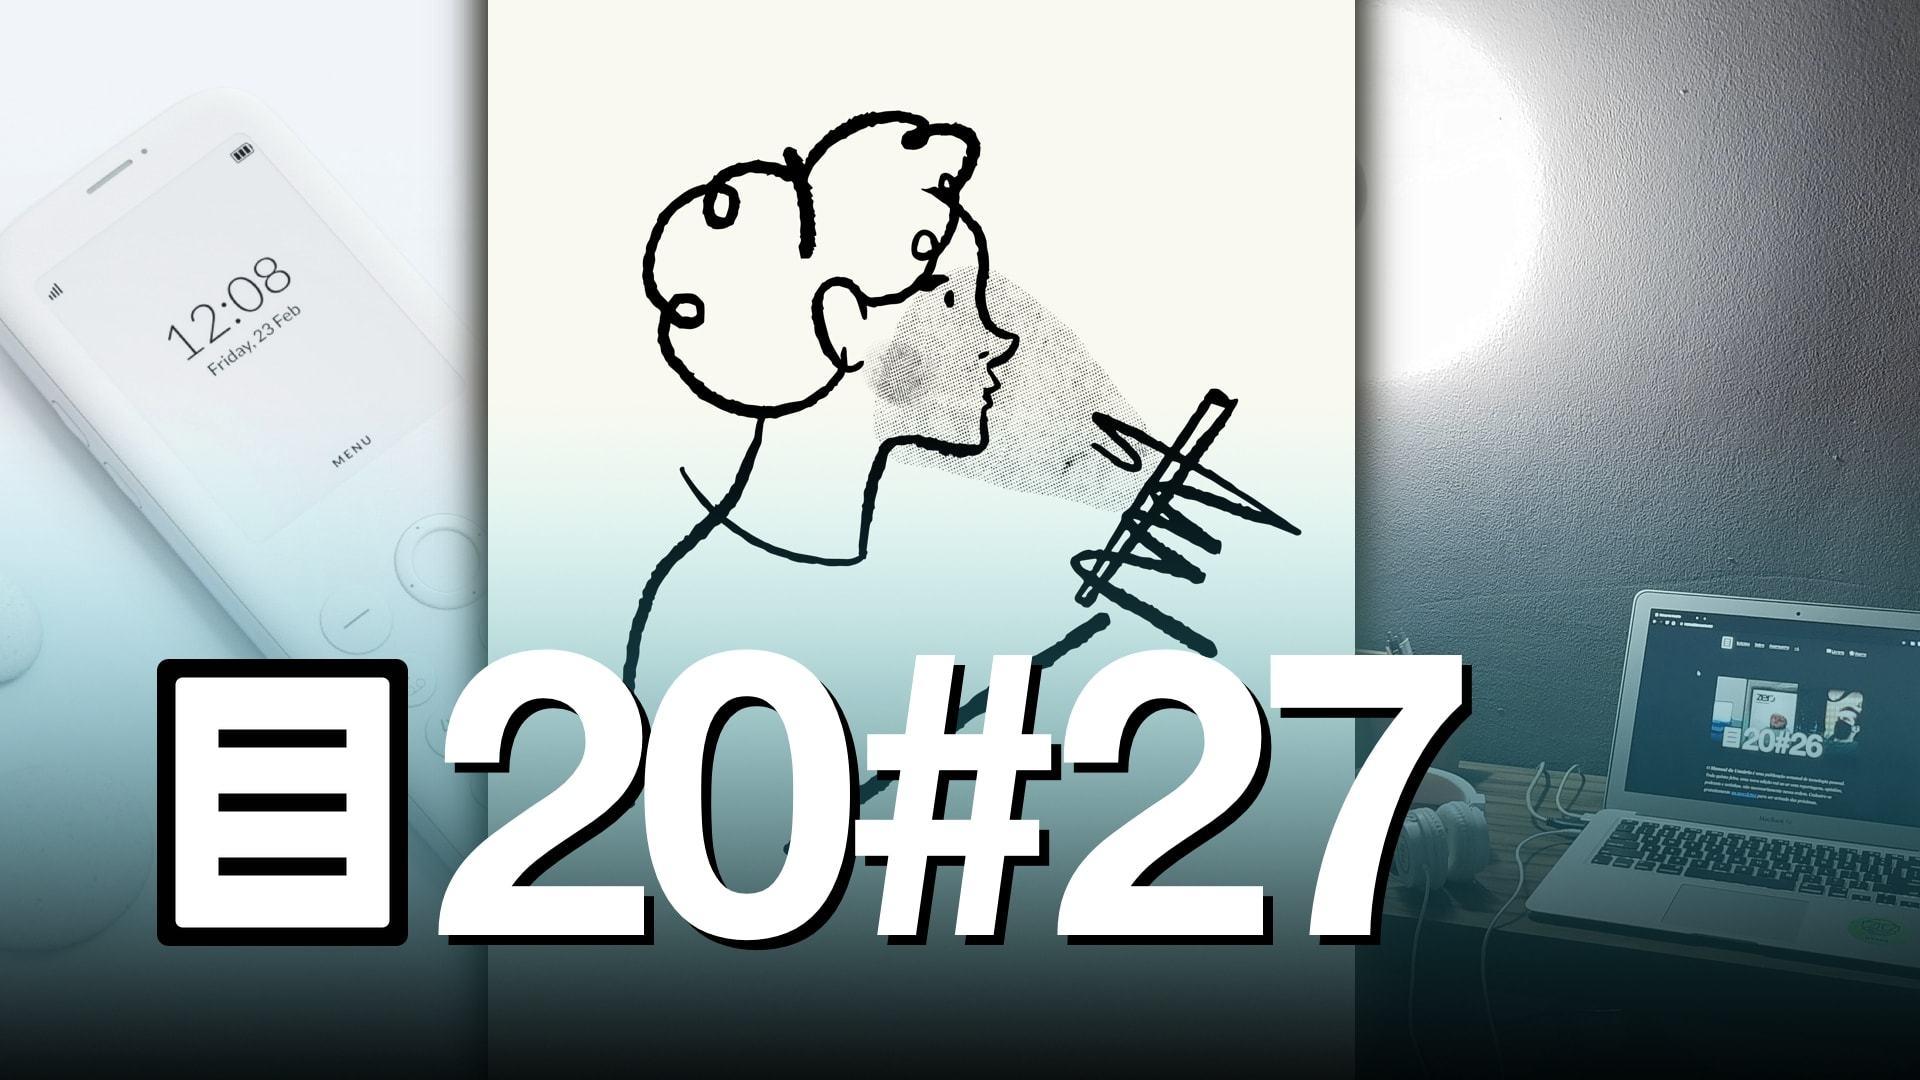 Edição 20#27